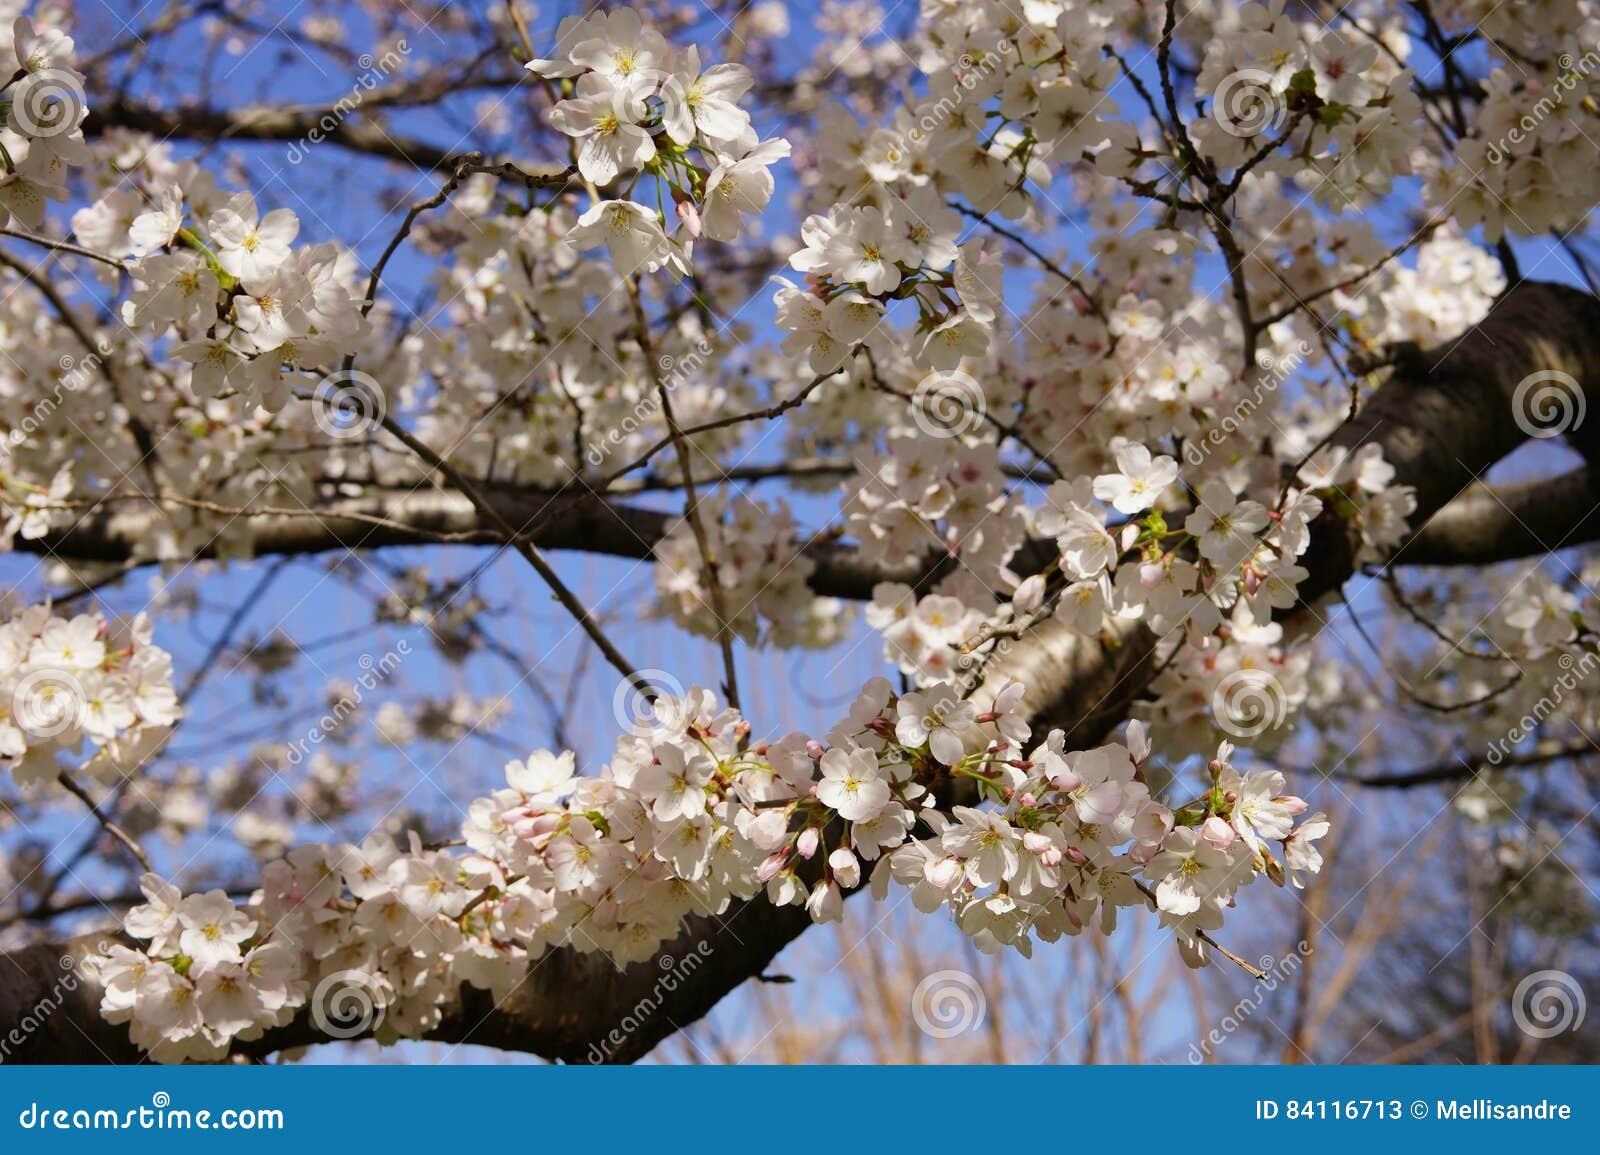 Fleurs De Cerisier Blanches Lumineuses Sur Une Grande Branche Au